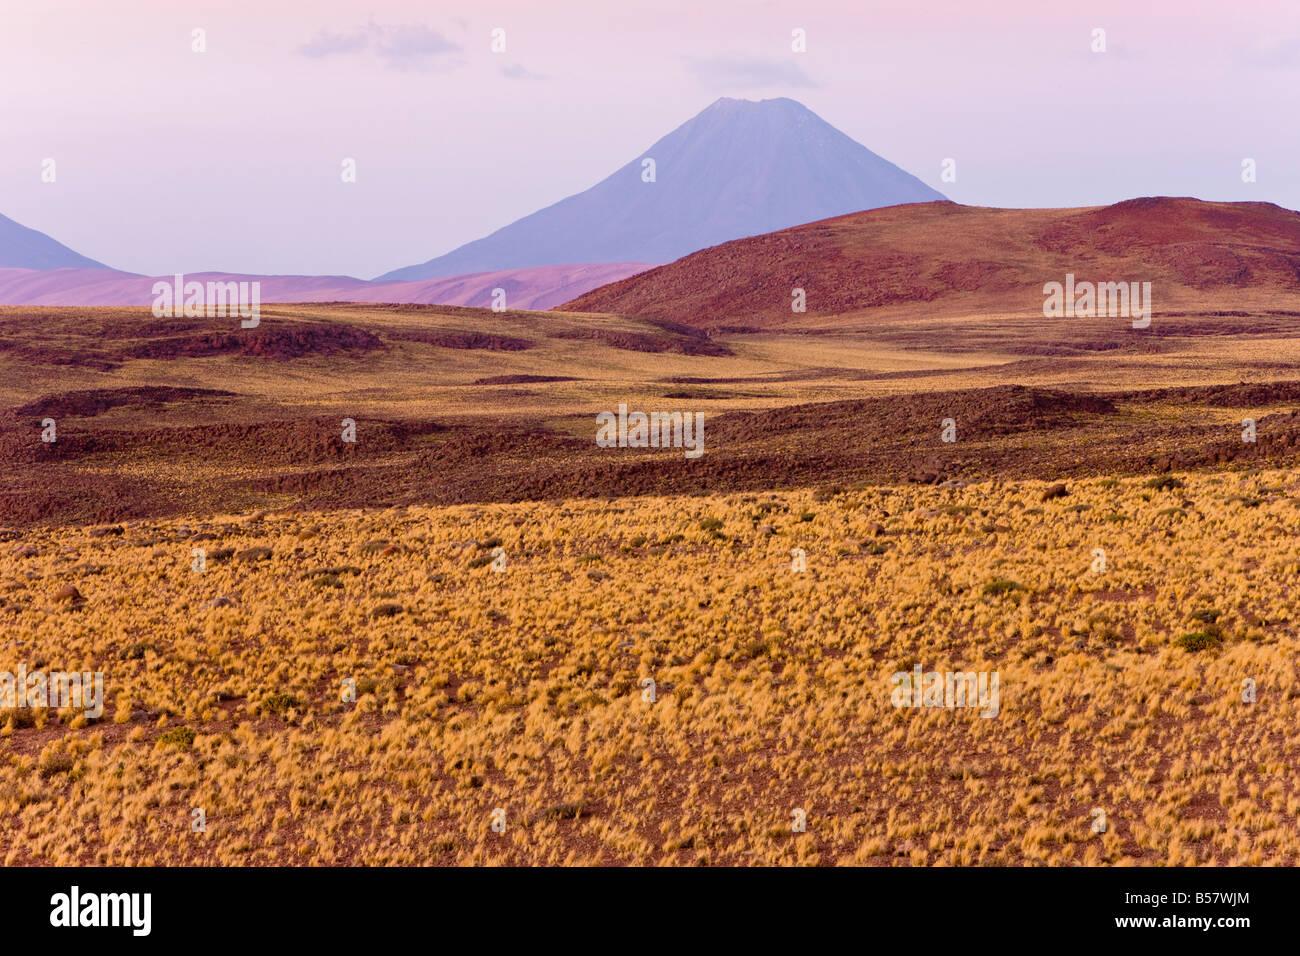 L'altiplano, los Flamencos riserva nazionale, il Deserto di Atacama, Antofagasta Regione Norte Grande del Cile Immagini Stock